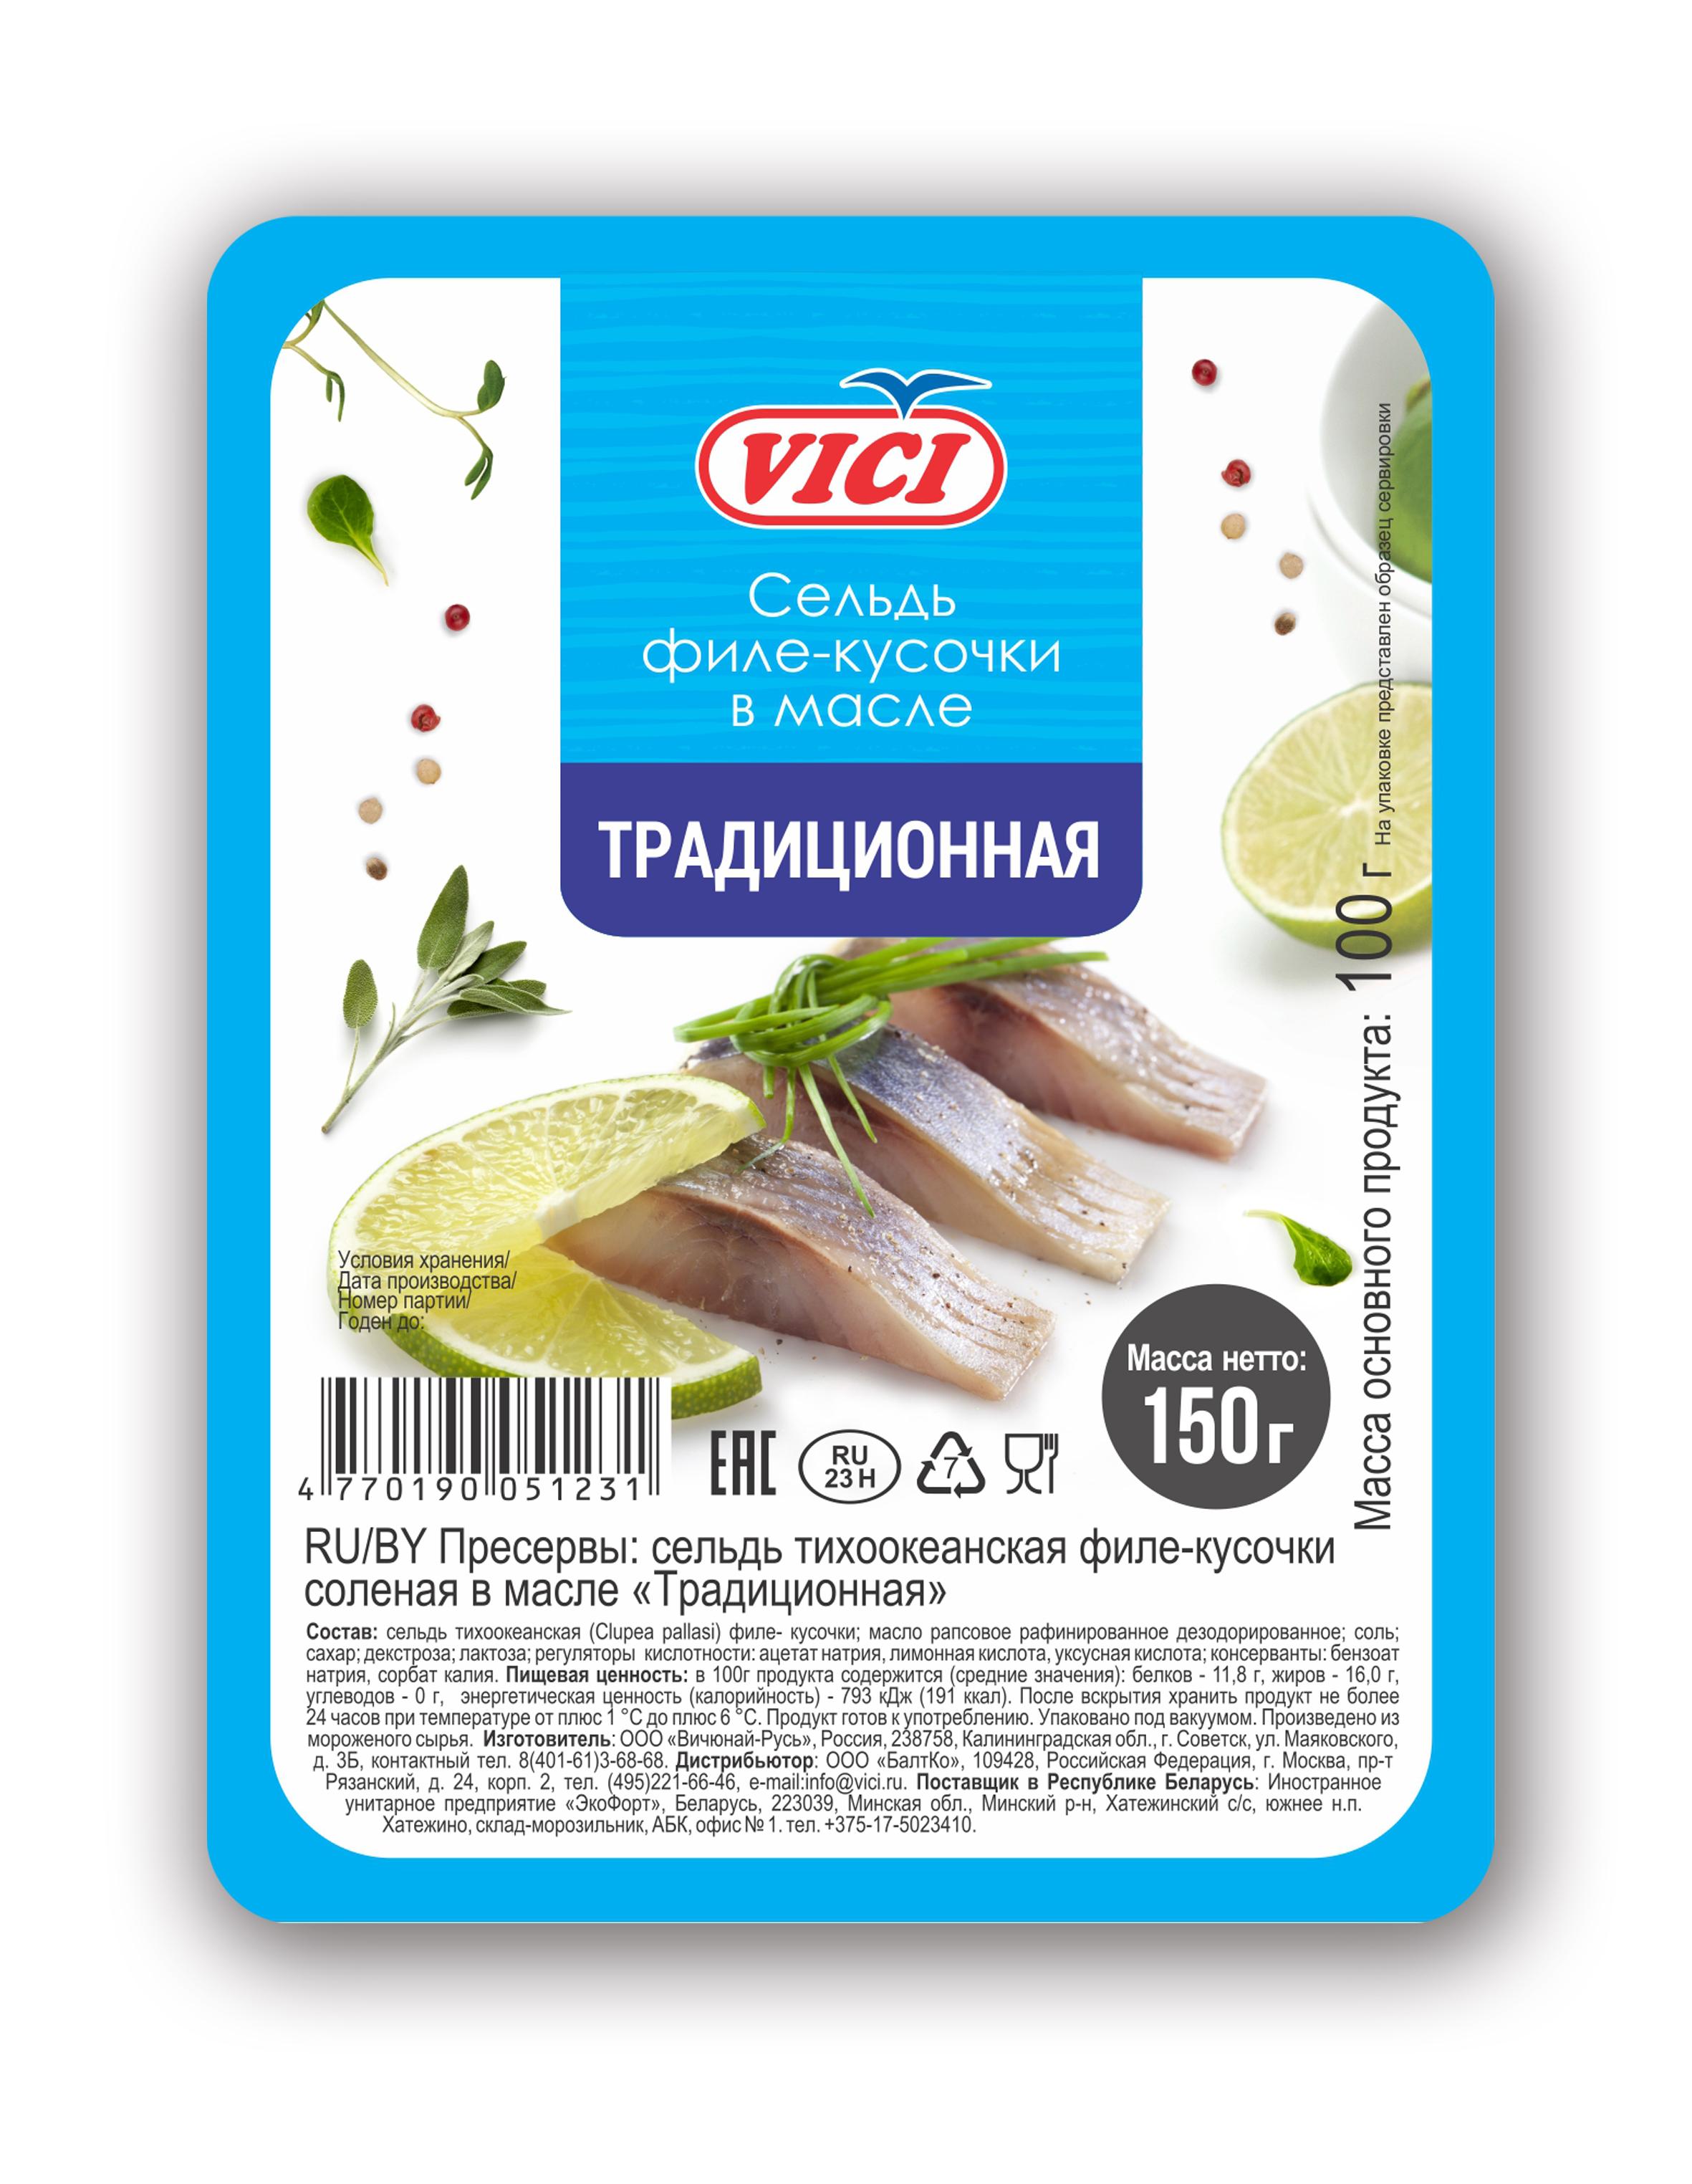 Филе-кусочки сельди в масле Традиционная VICI